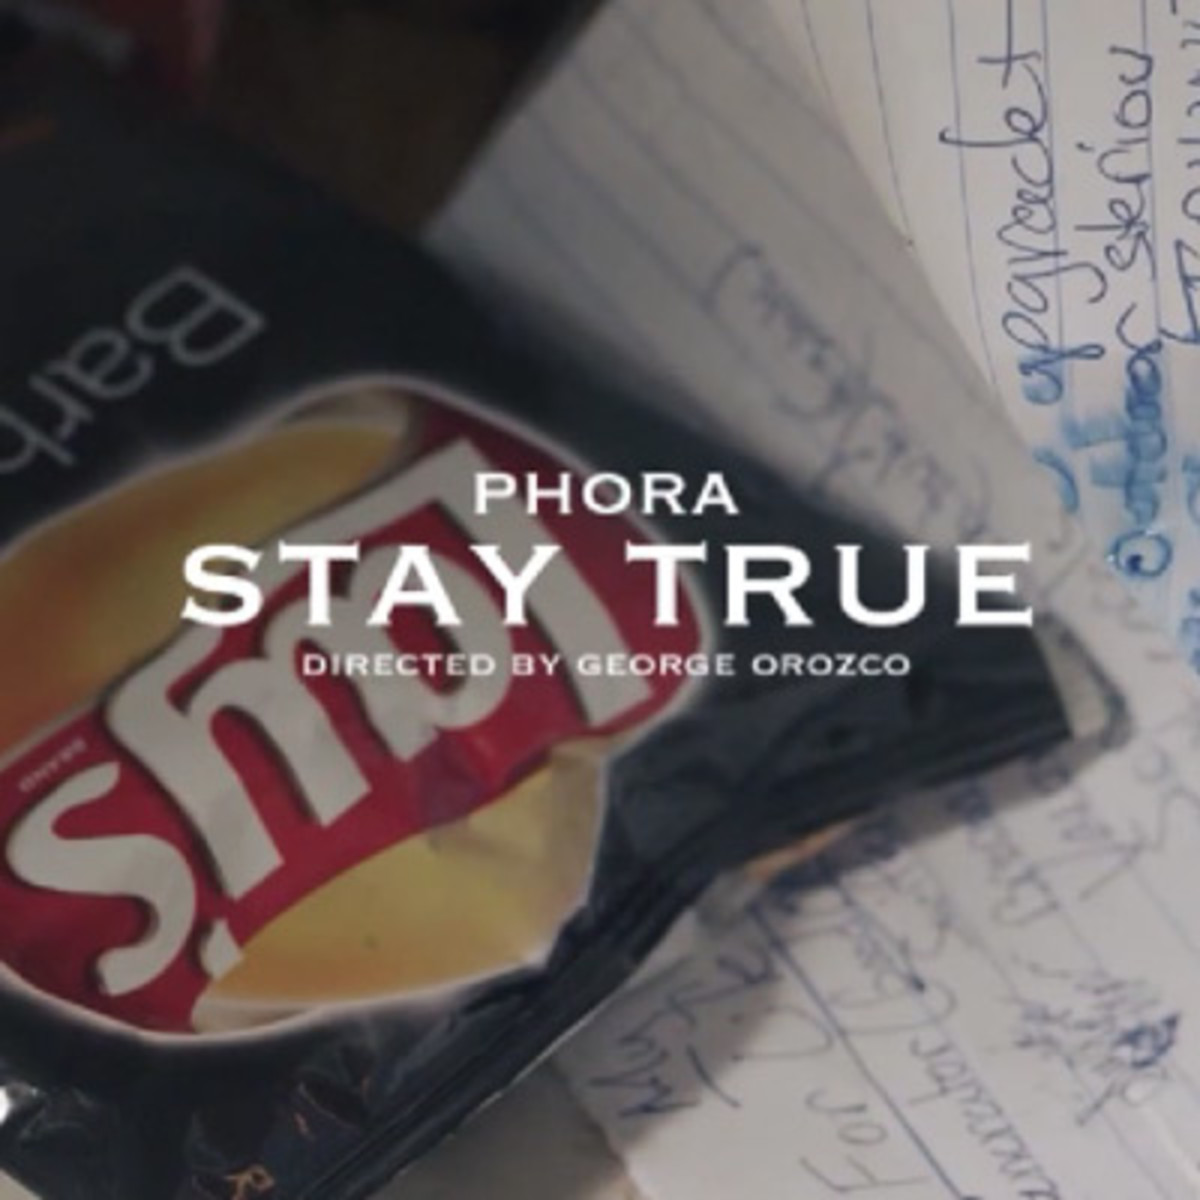 phora-staytrue.jpg